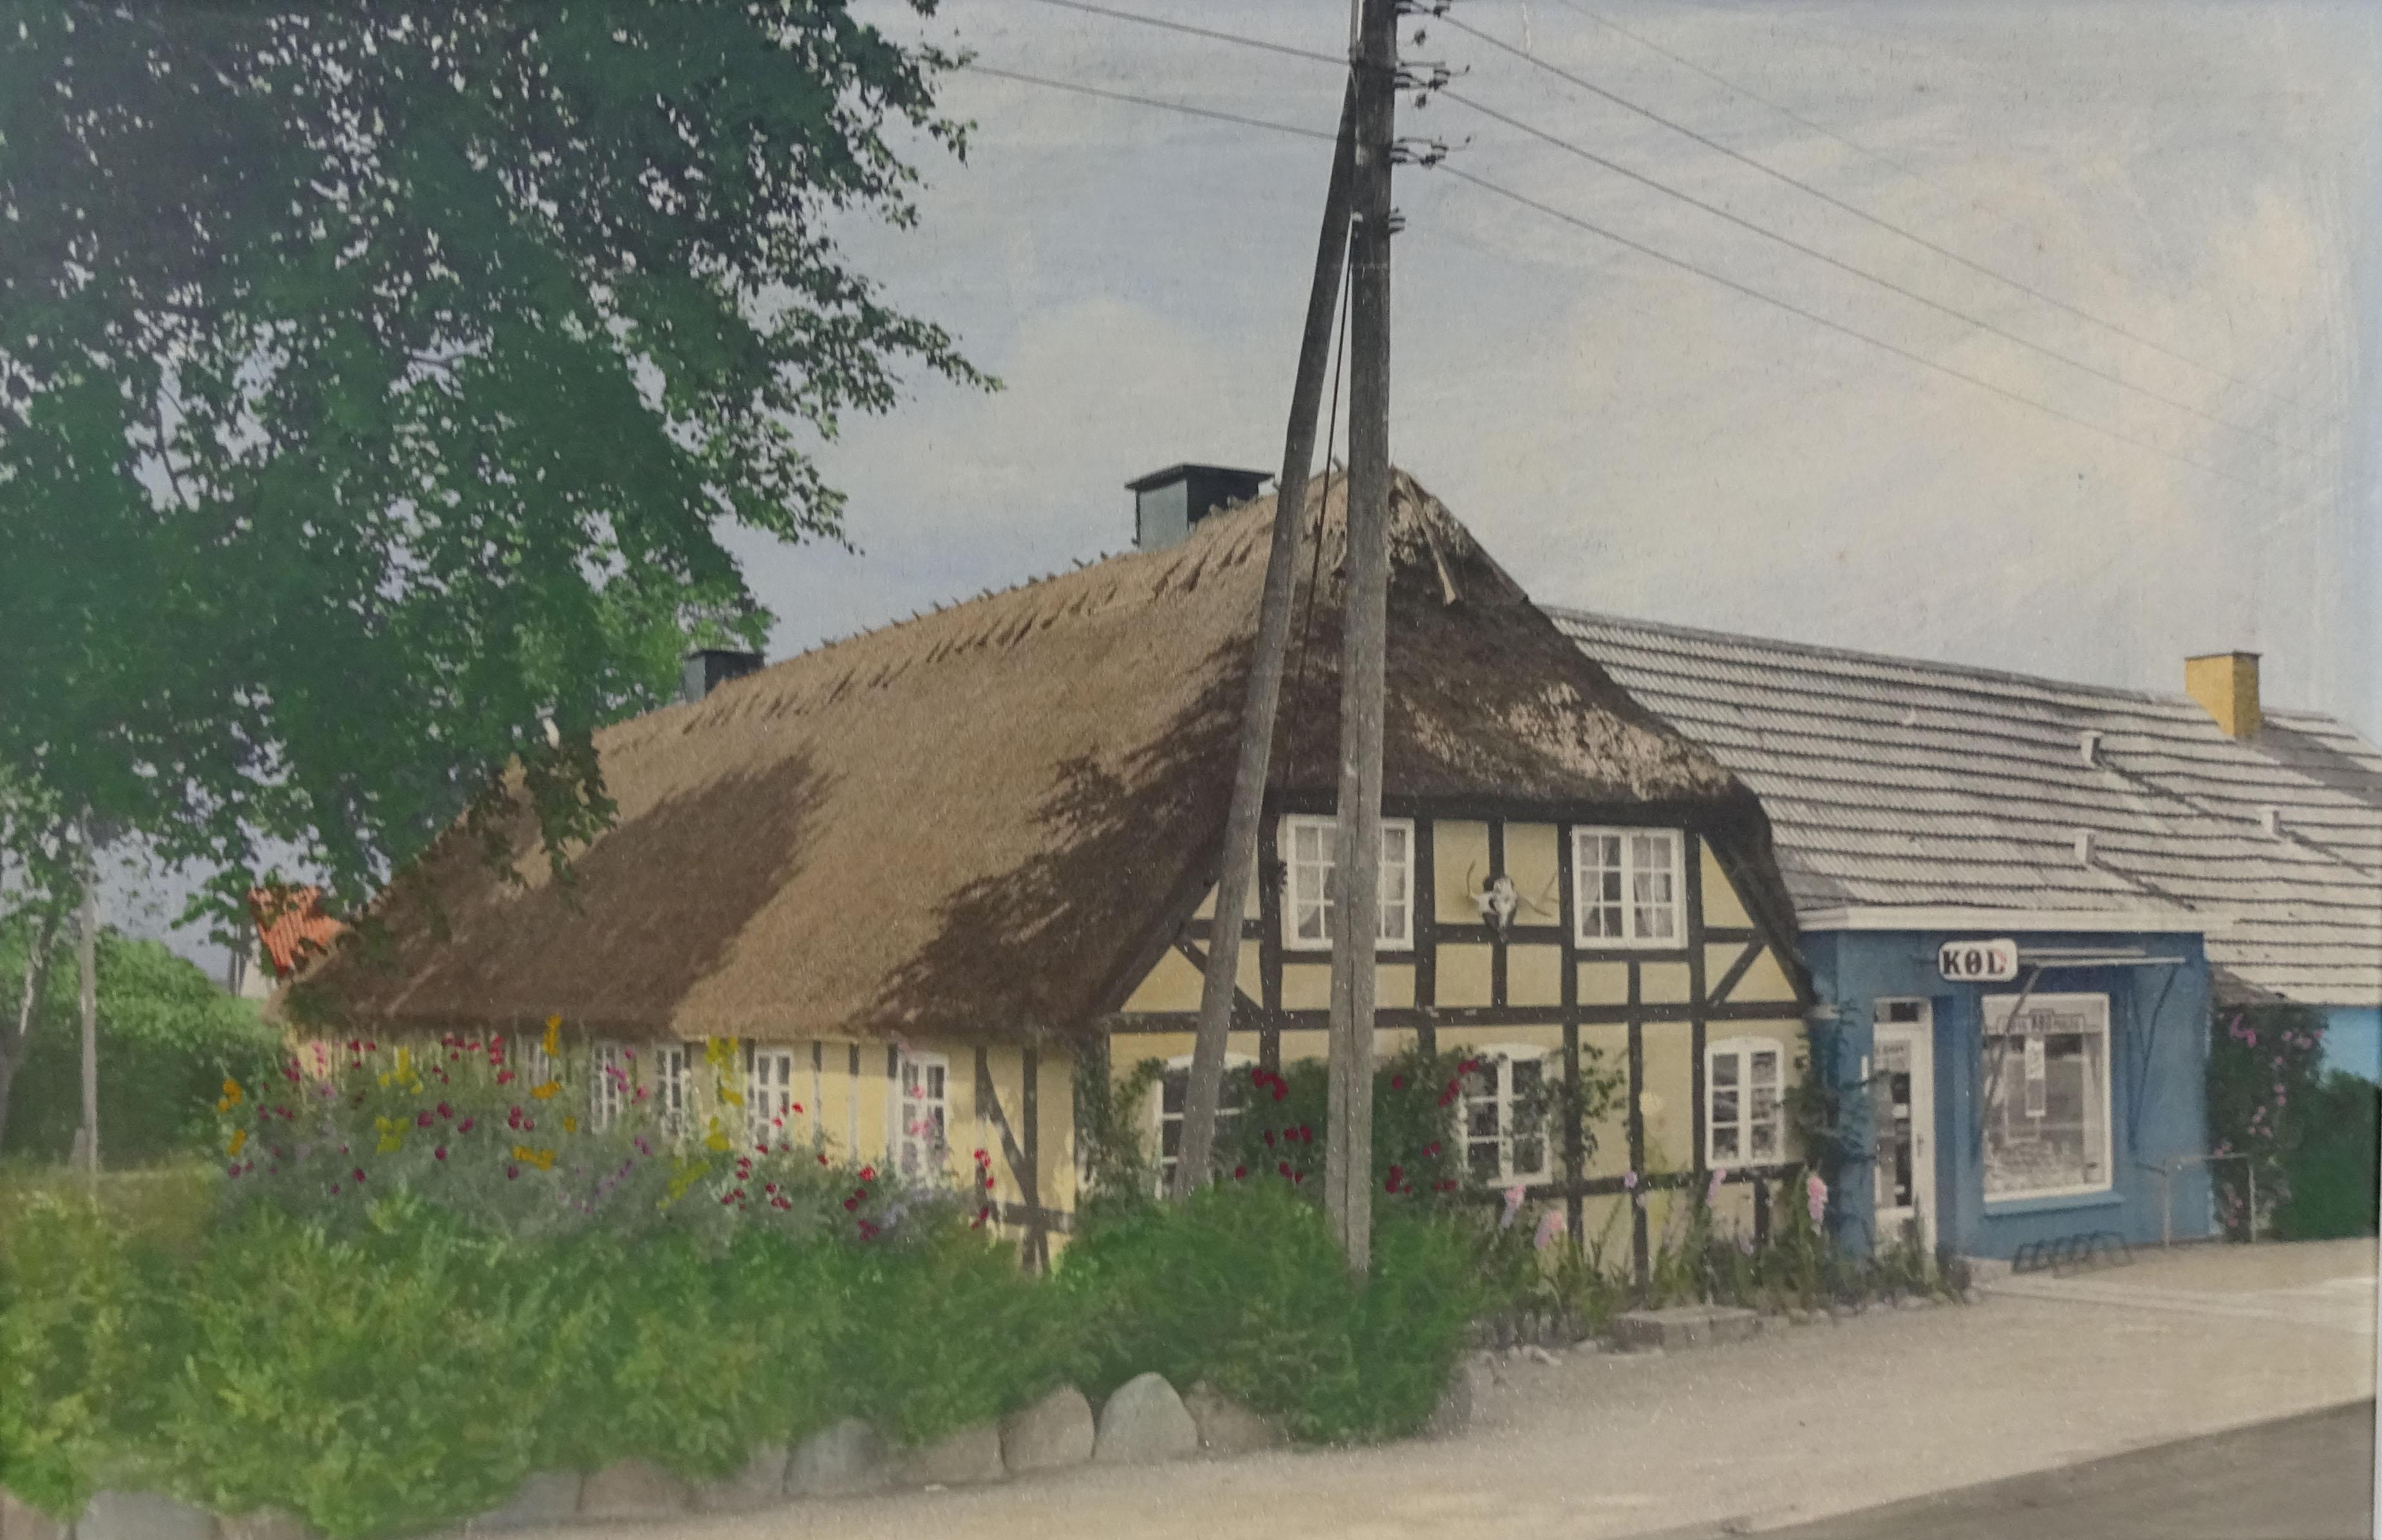 Odensevej 38. Maleri. Bagpå står: 25. Oktober 1969